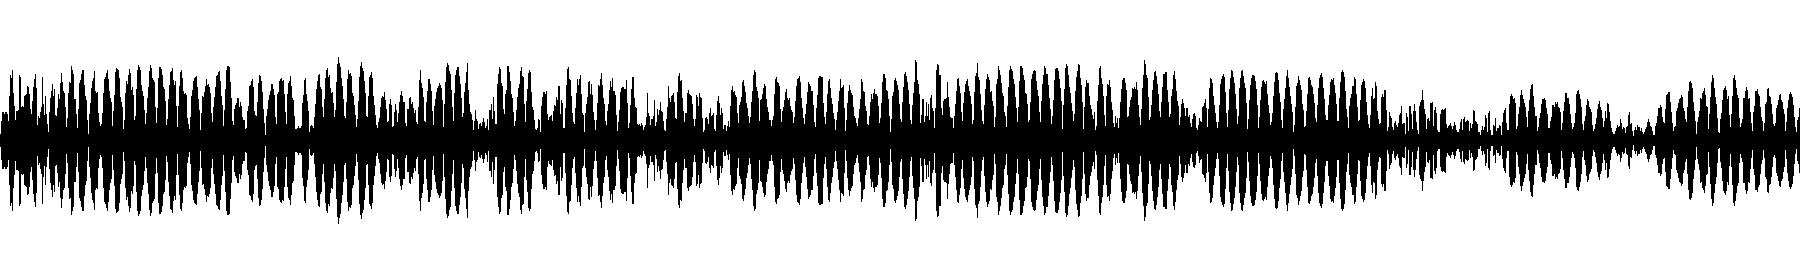 blbc cinedrums a fx 130 03